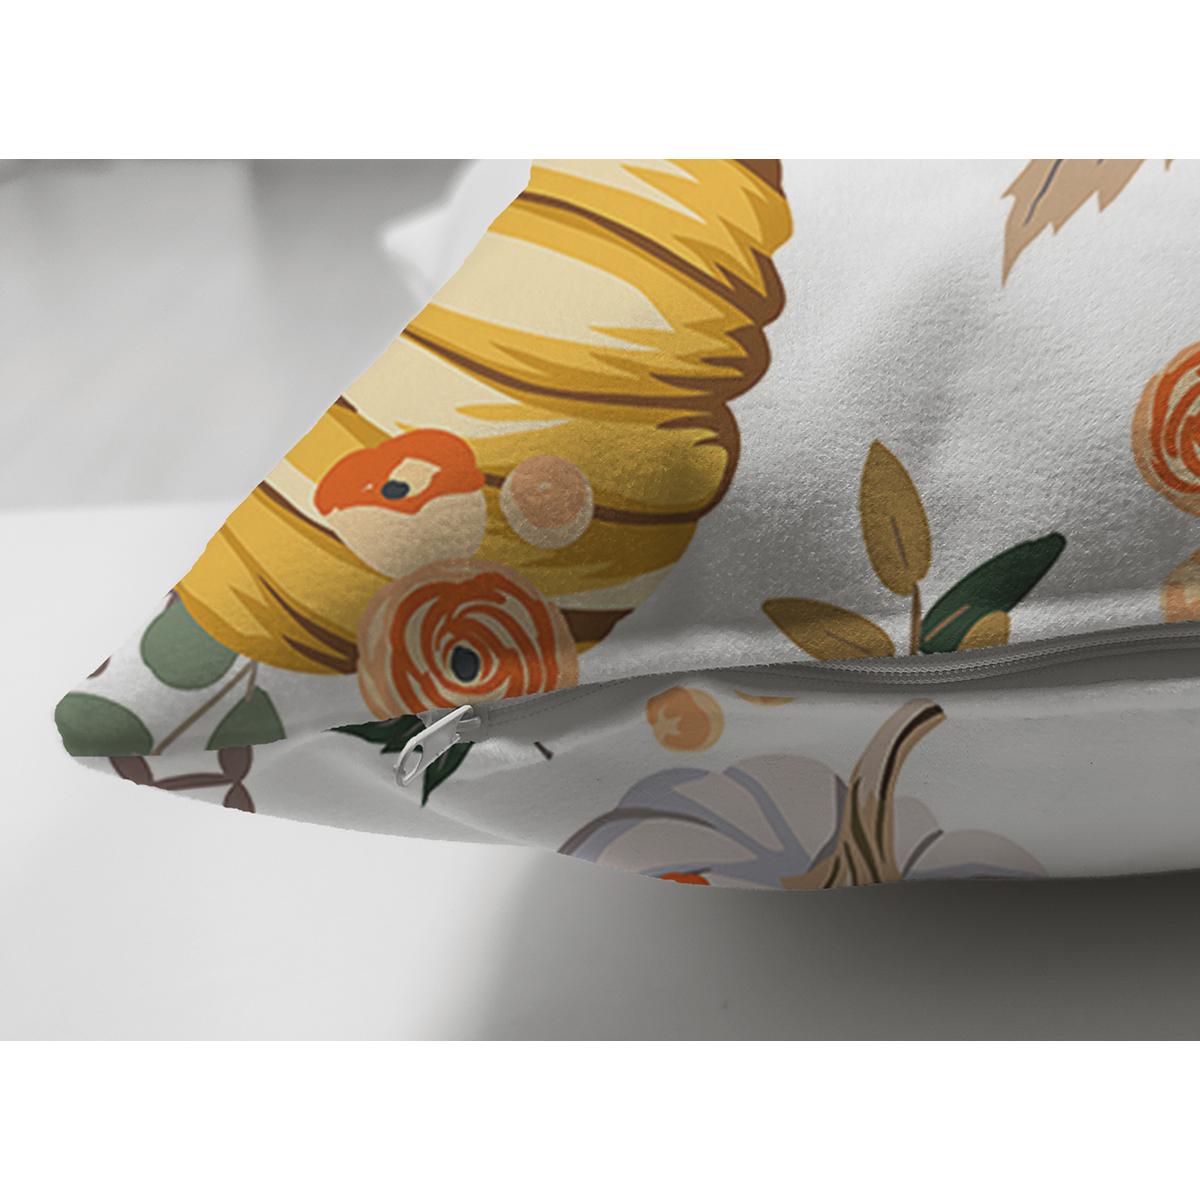 Çift Taraflı Beyaz Zeminli Bal Kabağı Desenli Dijital Baskılı Modern Süet Yastık Kırlent Kılıfı Realhomes